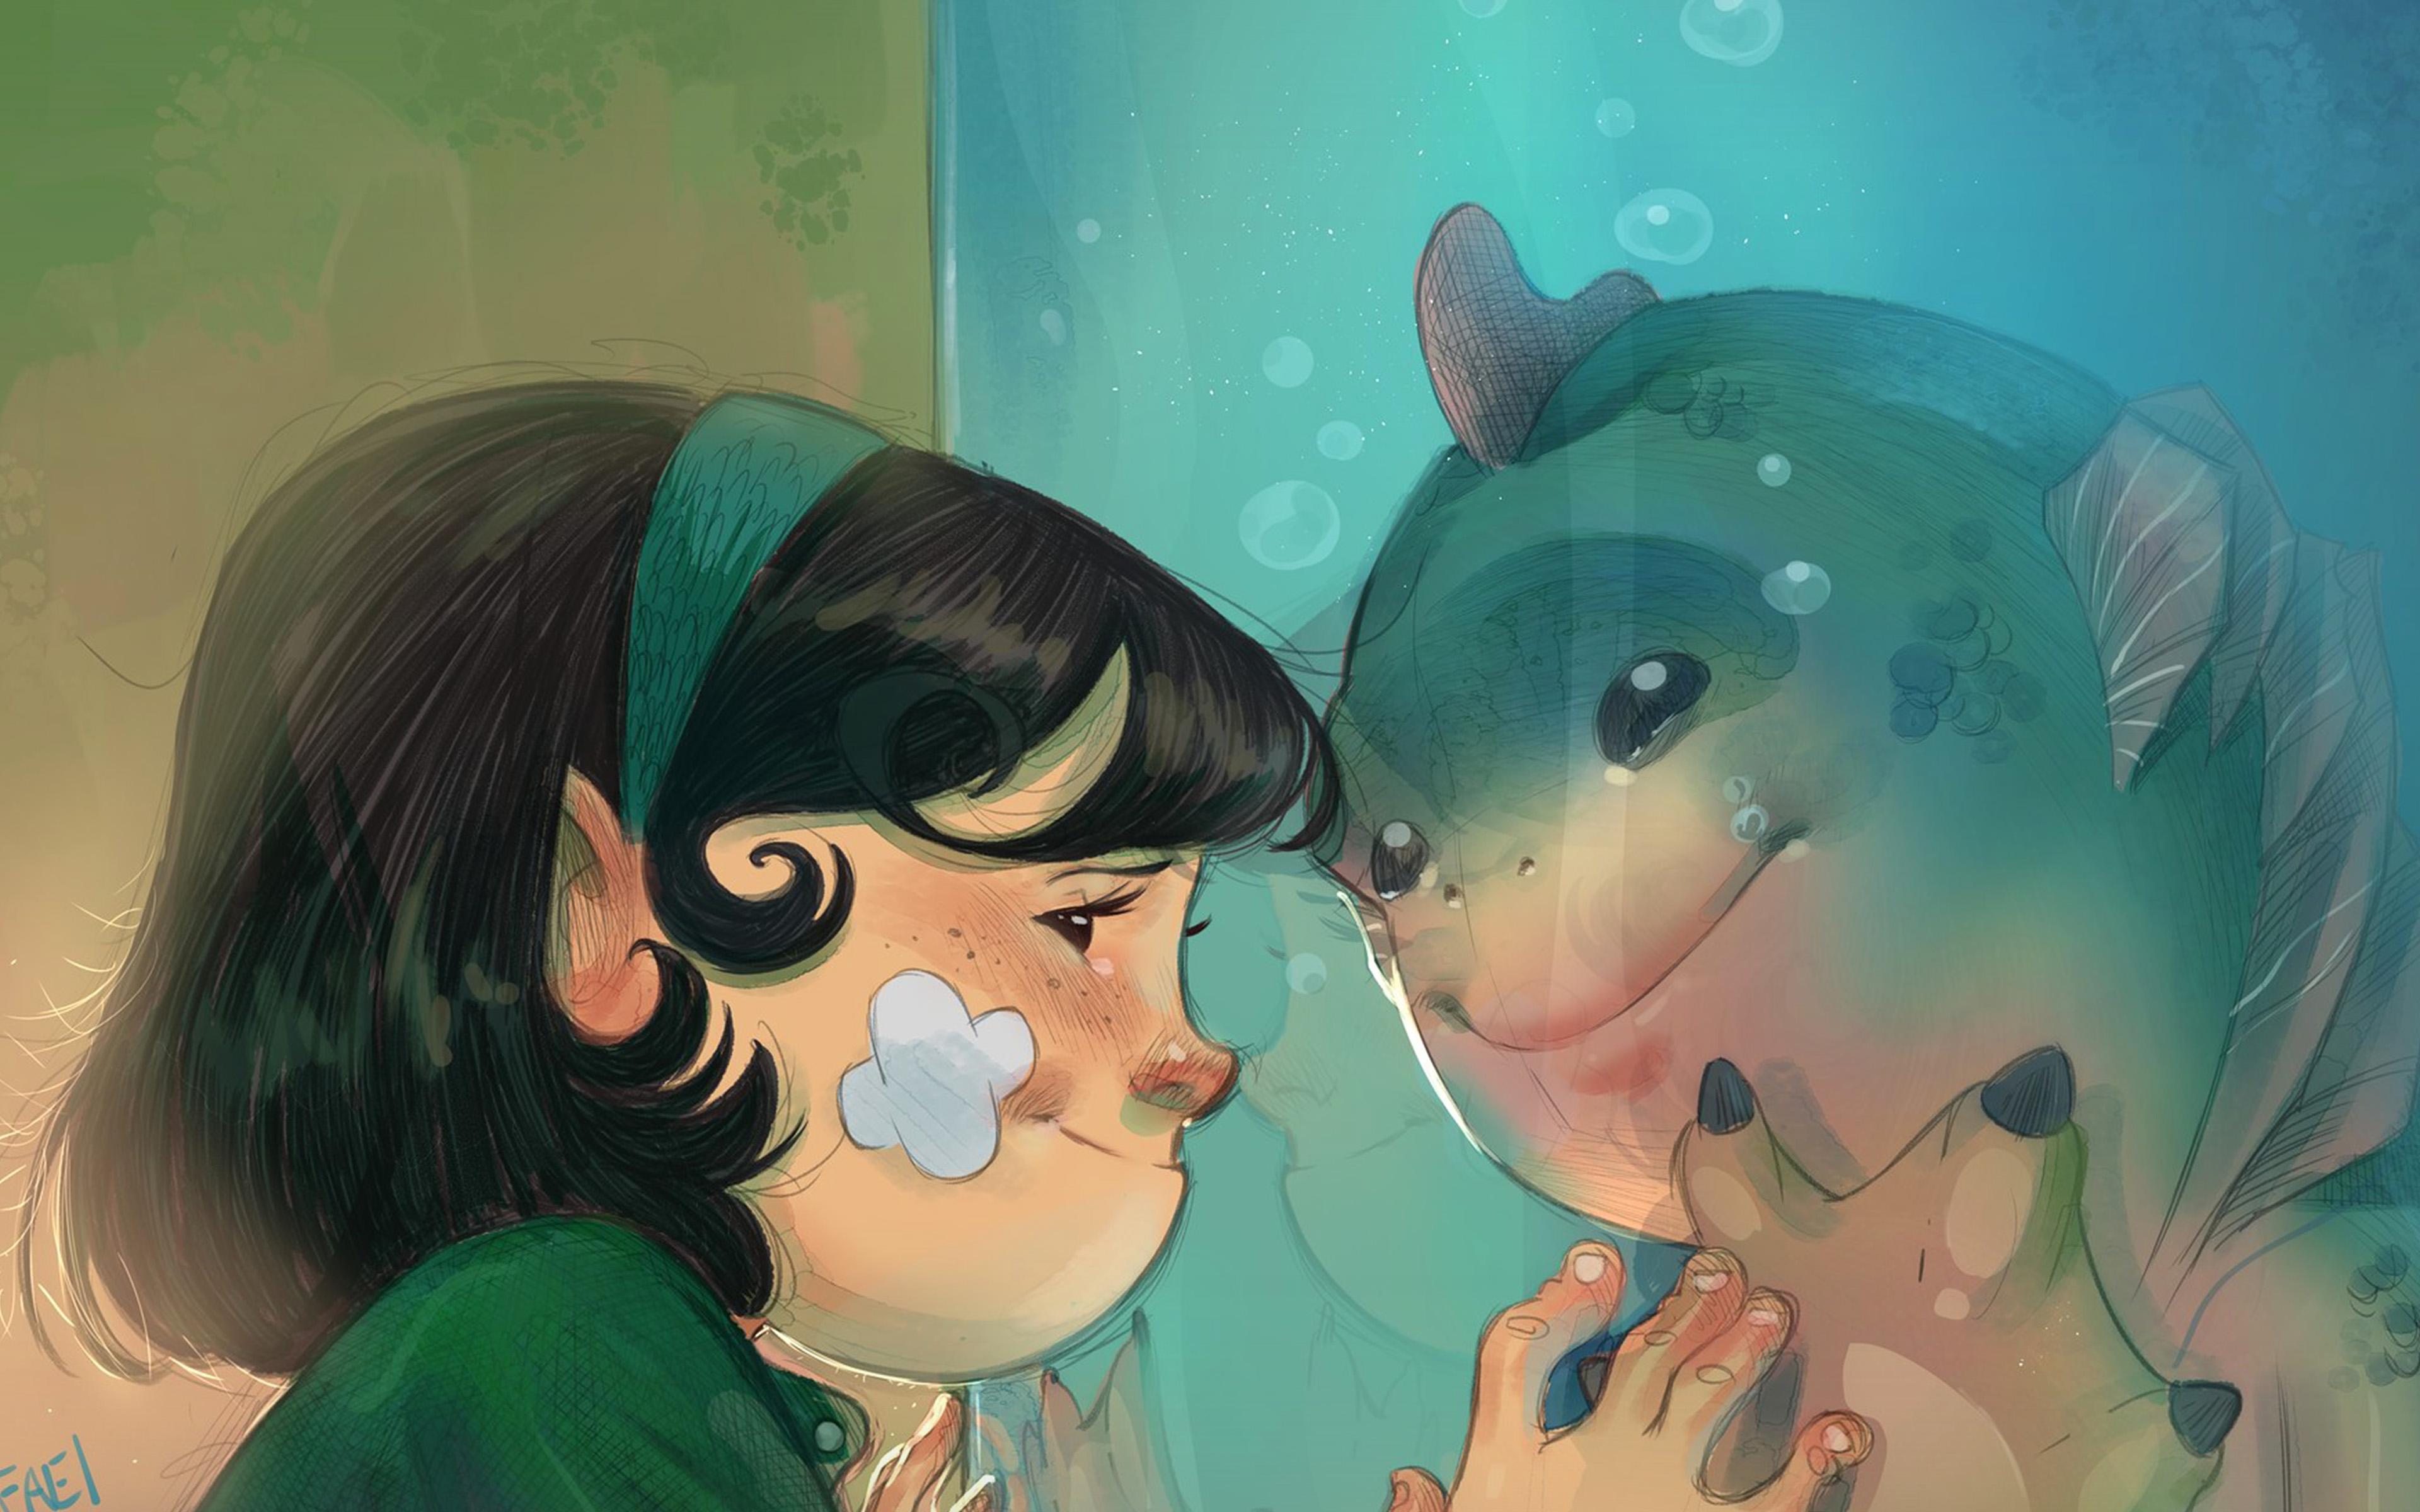 Be44 Rafael Sam Shape Of Water Anime Art Illustration Wallpaper